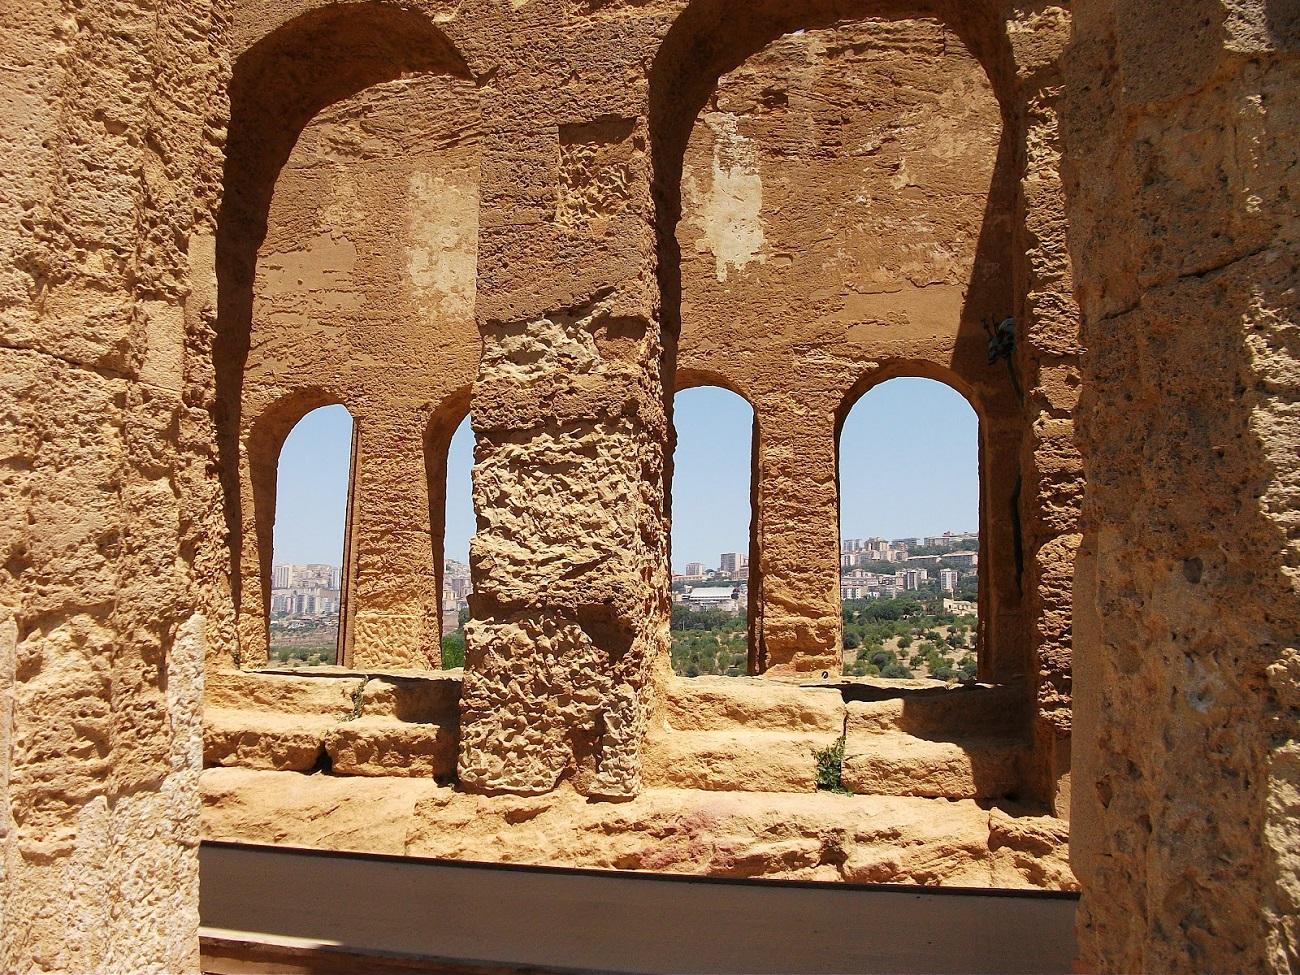 Diverse secțiuni din zidurile templelor au fost luate ca amintire de către vizitatori